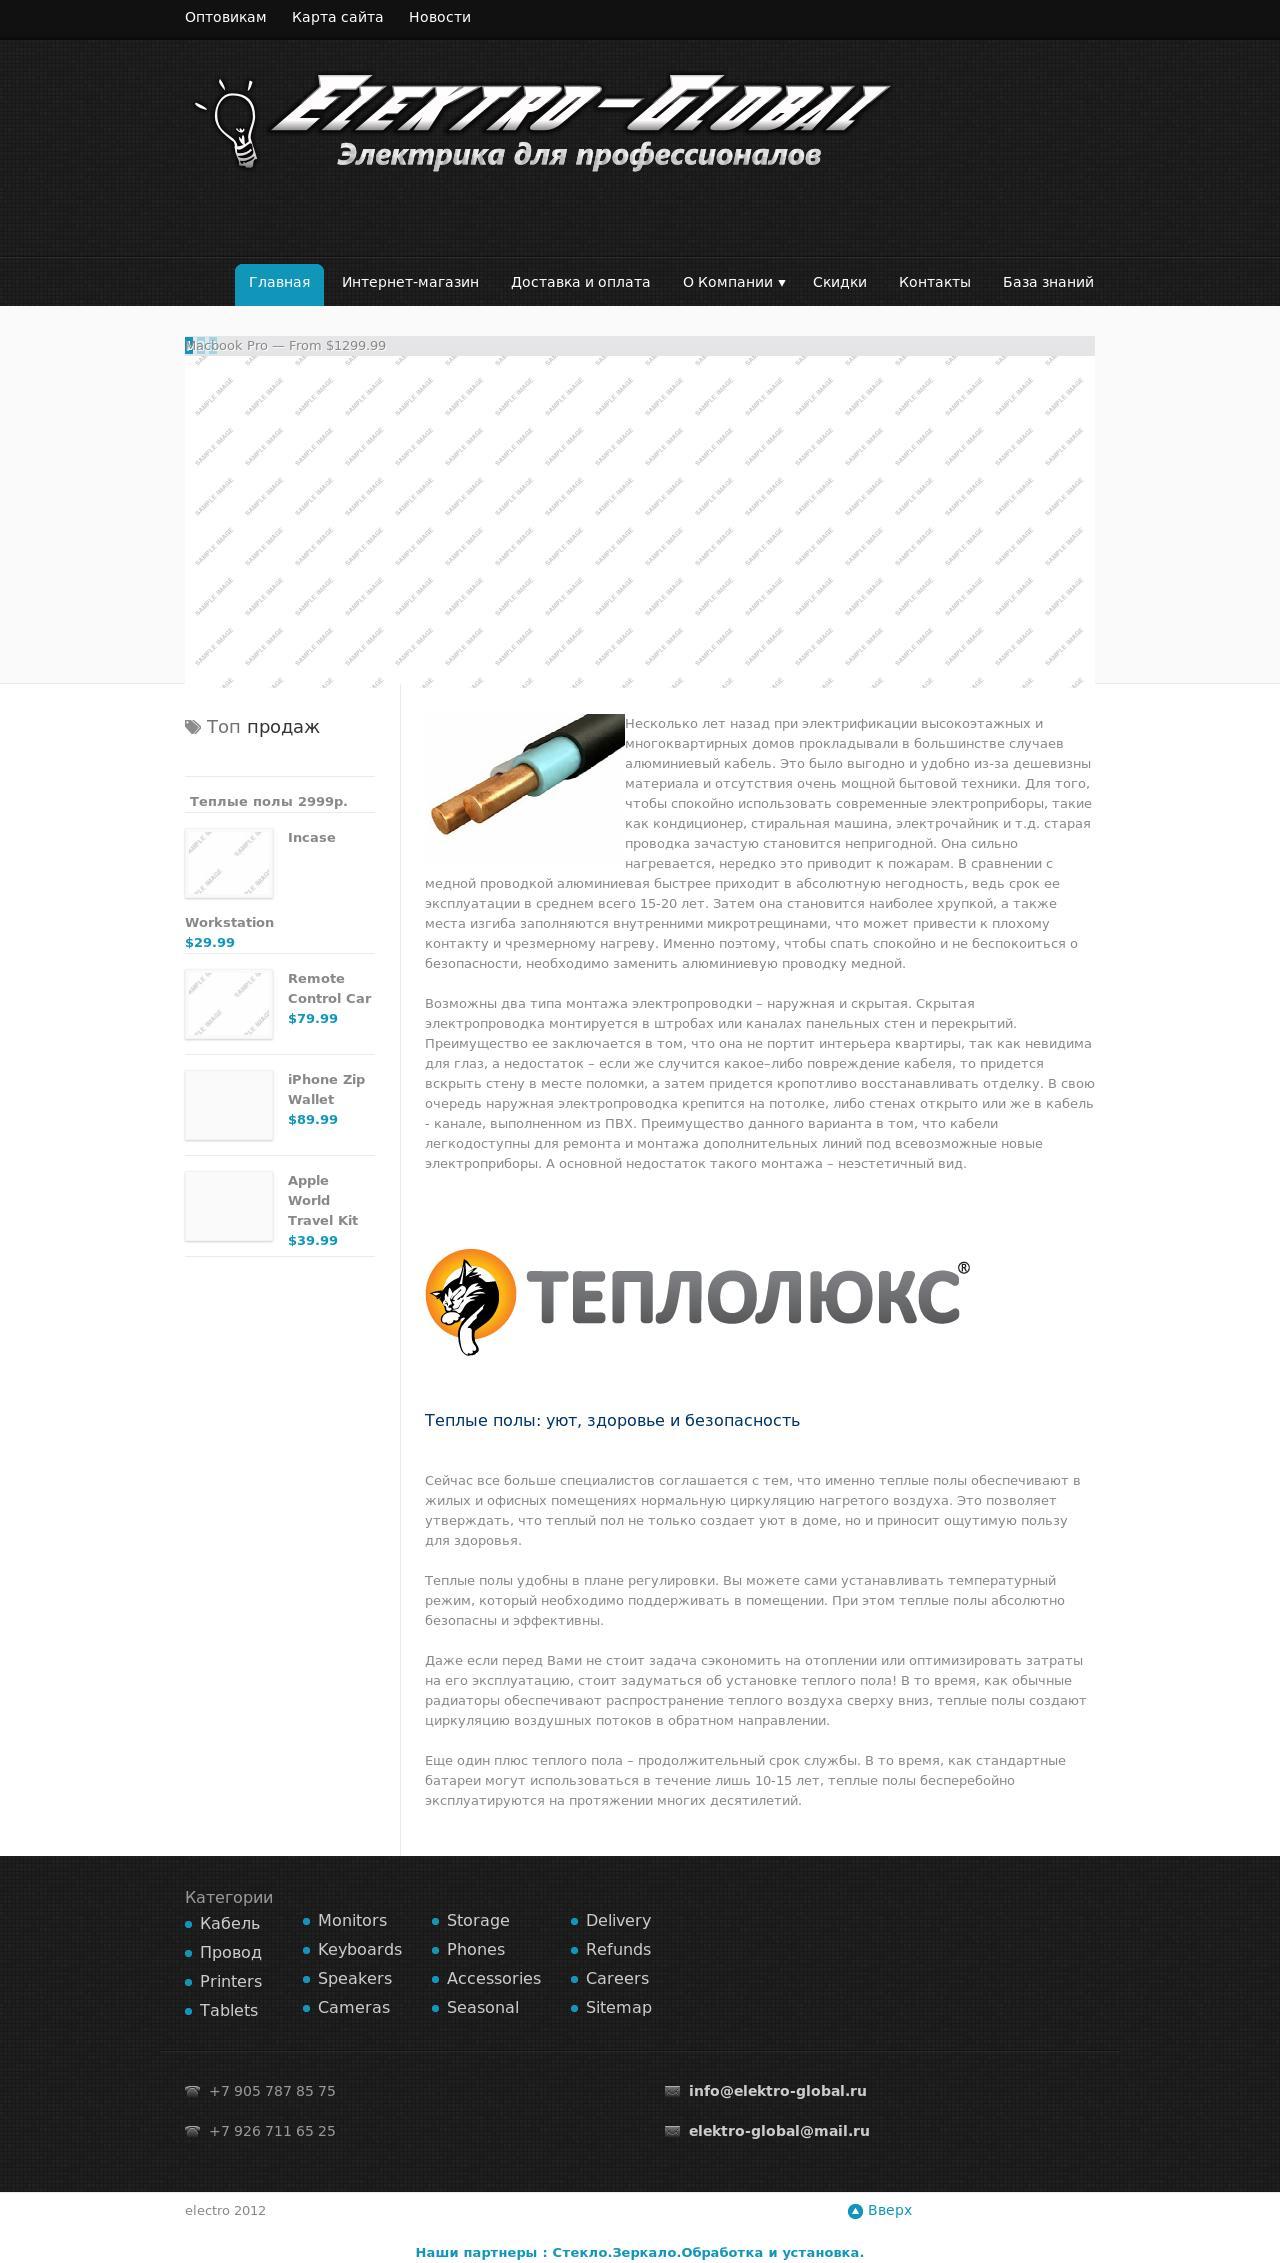 http://elektro-global.ru